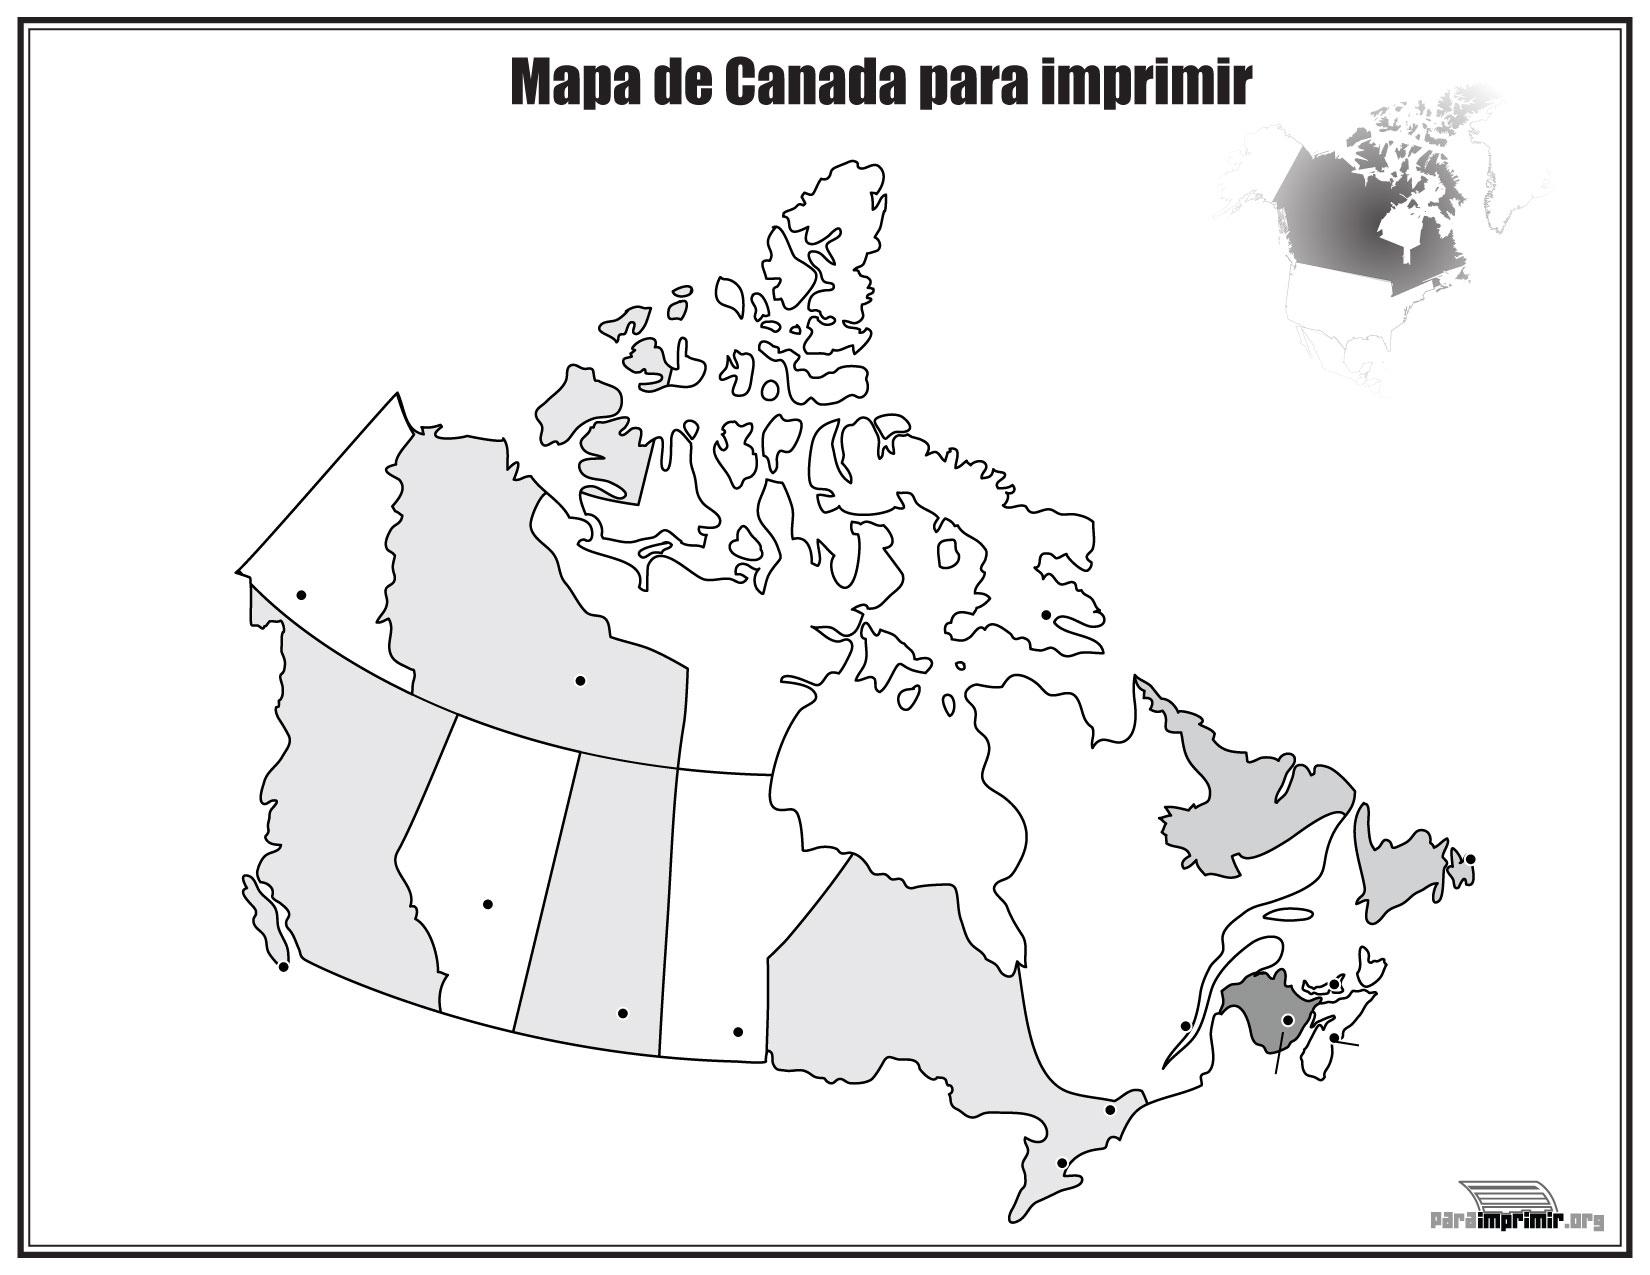 Mapa De Canada Sin Nombres Para Imprimir